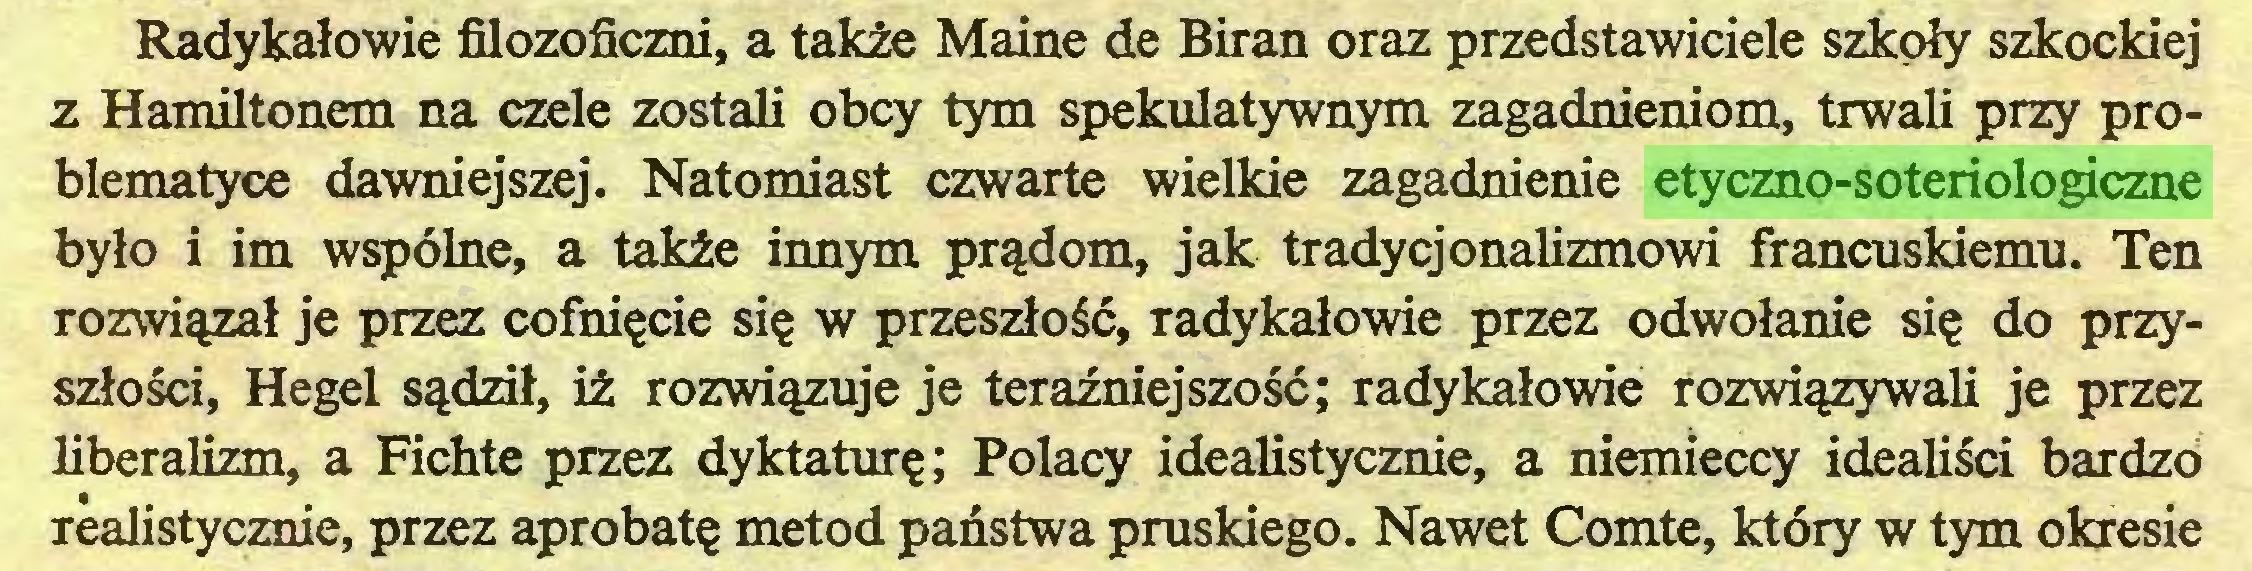 (...) Radykałowie filozoficzni, a także Maine de Biran oraz przedstawiciele szkoły szkockiej z Hamiltonem na czele zostali obcy tym spekulatywnym zagadnieniom, trwali przy problematyce dawniejszej. Natomiast czwarte wielkie zagadnienie etyczno-soteriologiczne było i im wspólne, a także innym prądom, jak tradycjonalizmowi francuskiemu. Ten rozwiązał je przez cofnięcie się w przeszłość, radykałowie przez odwołanie się do przyszłości, Hegel sądził, iż rozwiązuje je teraźniejszość; radykałowie rozwiązywali je przez liberalizm, a Fichte przez dyktaturę; Polacy idealistycznie, a niemieccy idealiści bardzo realistycznie, przez aprobatę metod państwa pruskiego. Nawet Comte, który w tym okresie...